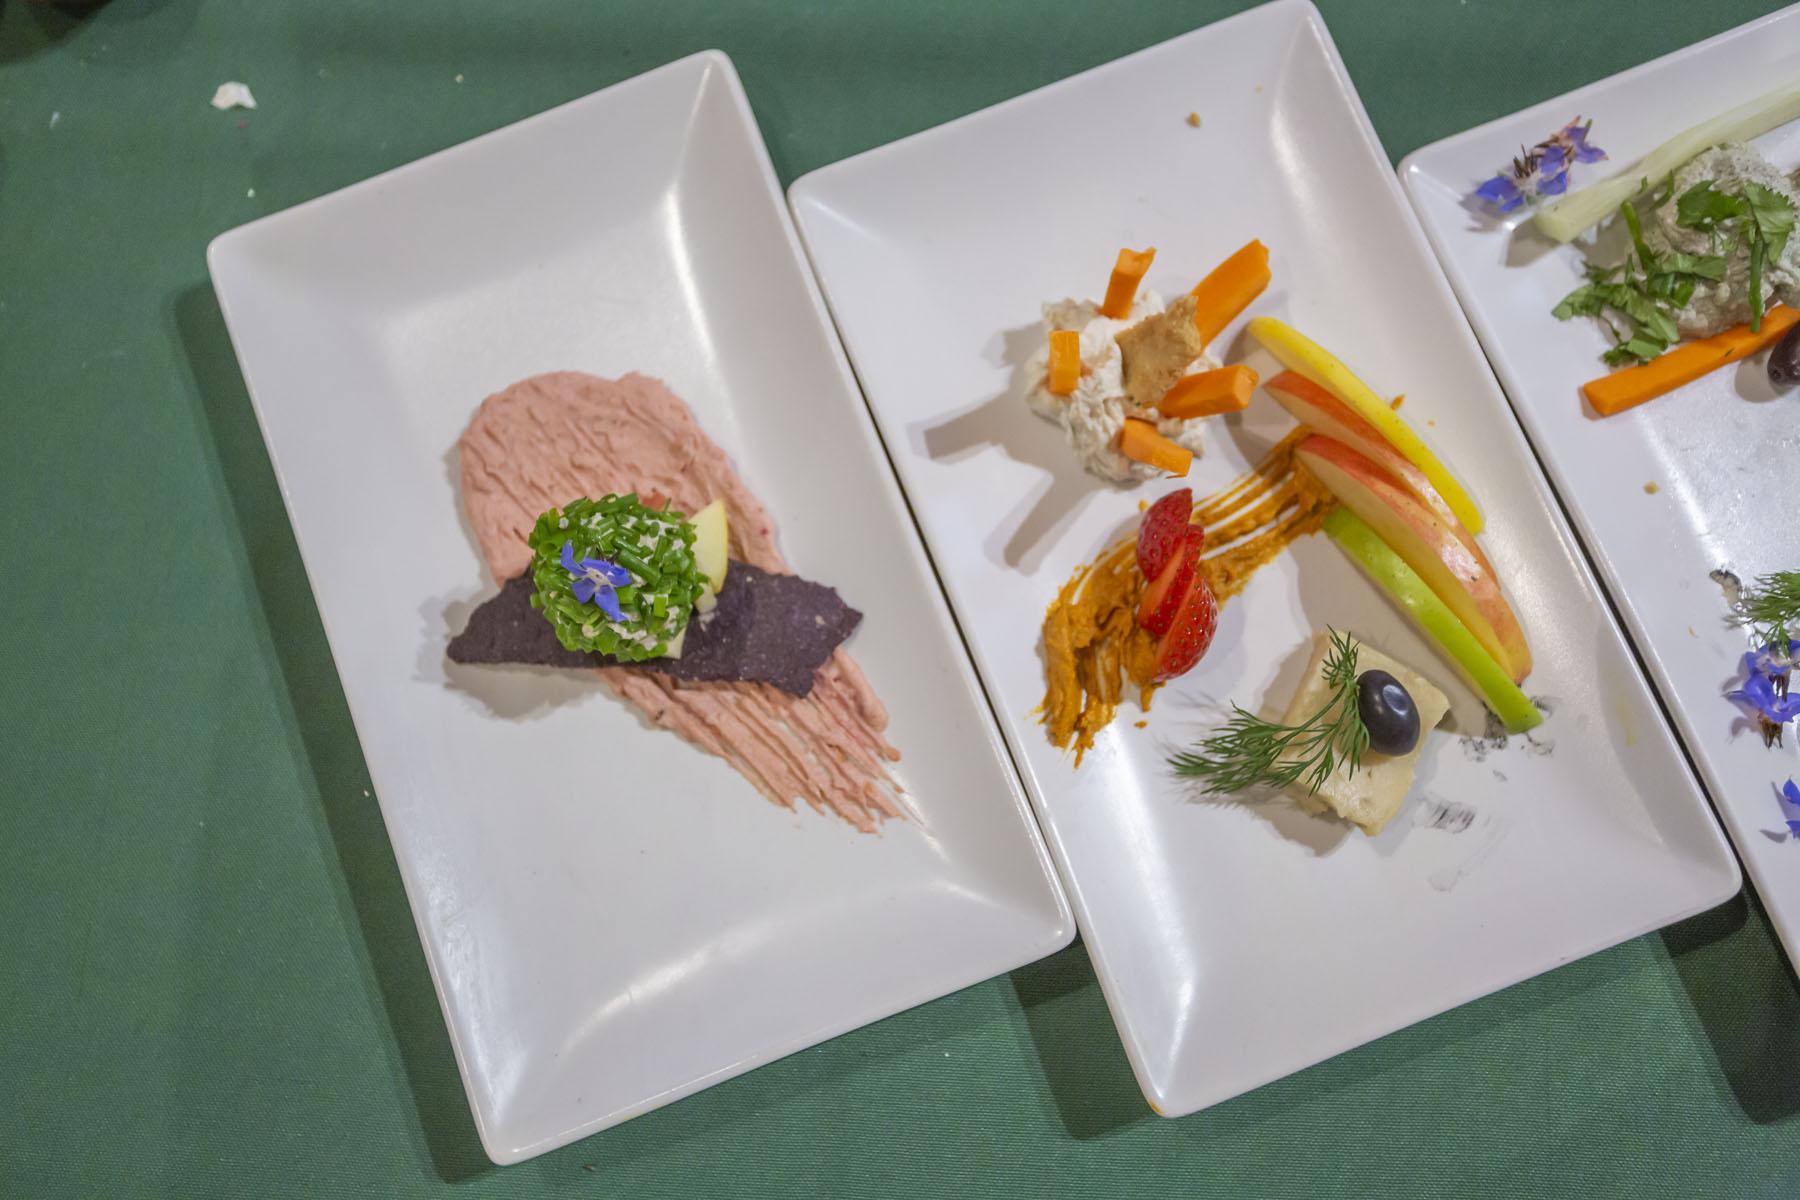 comida_vegana_menorca_quesos_vegetales207